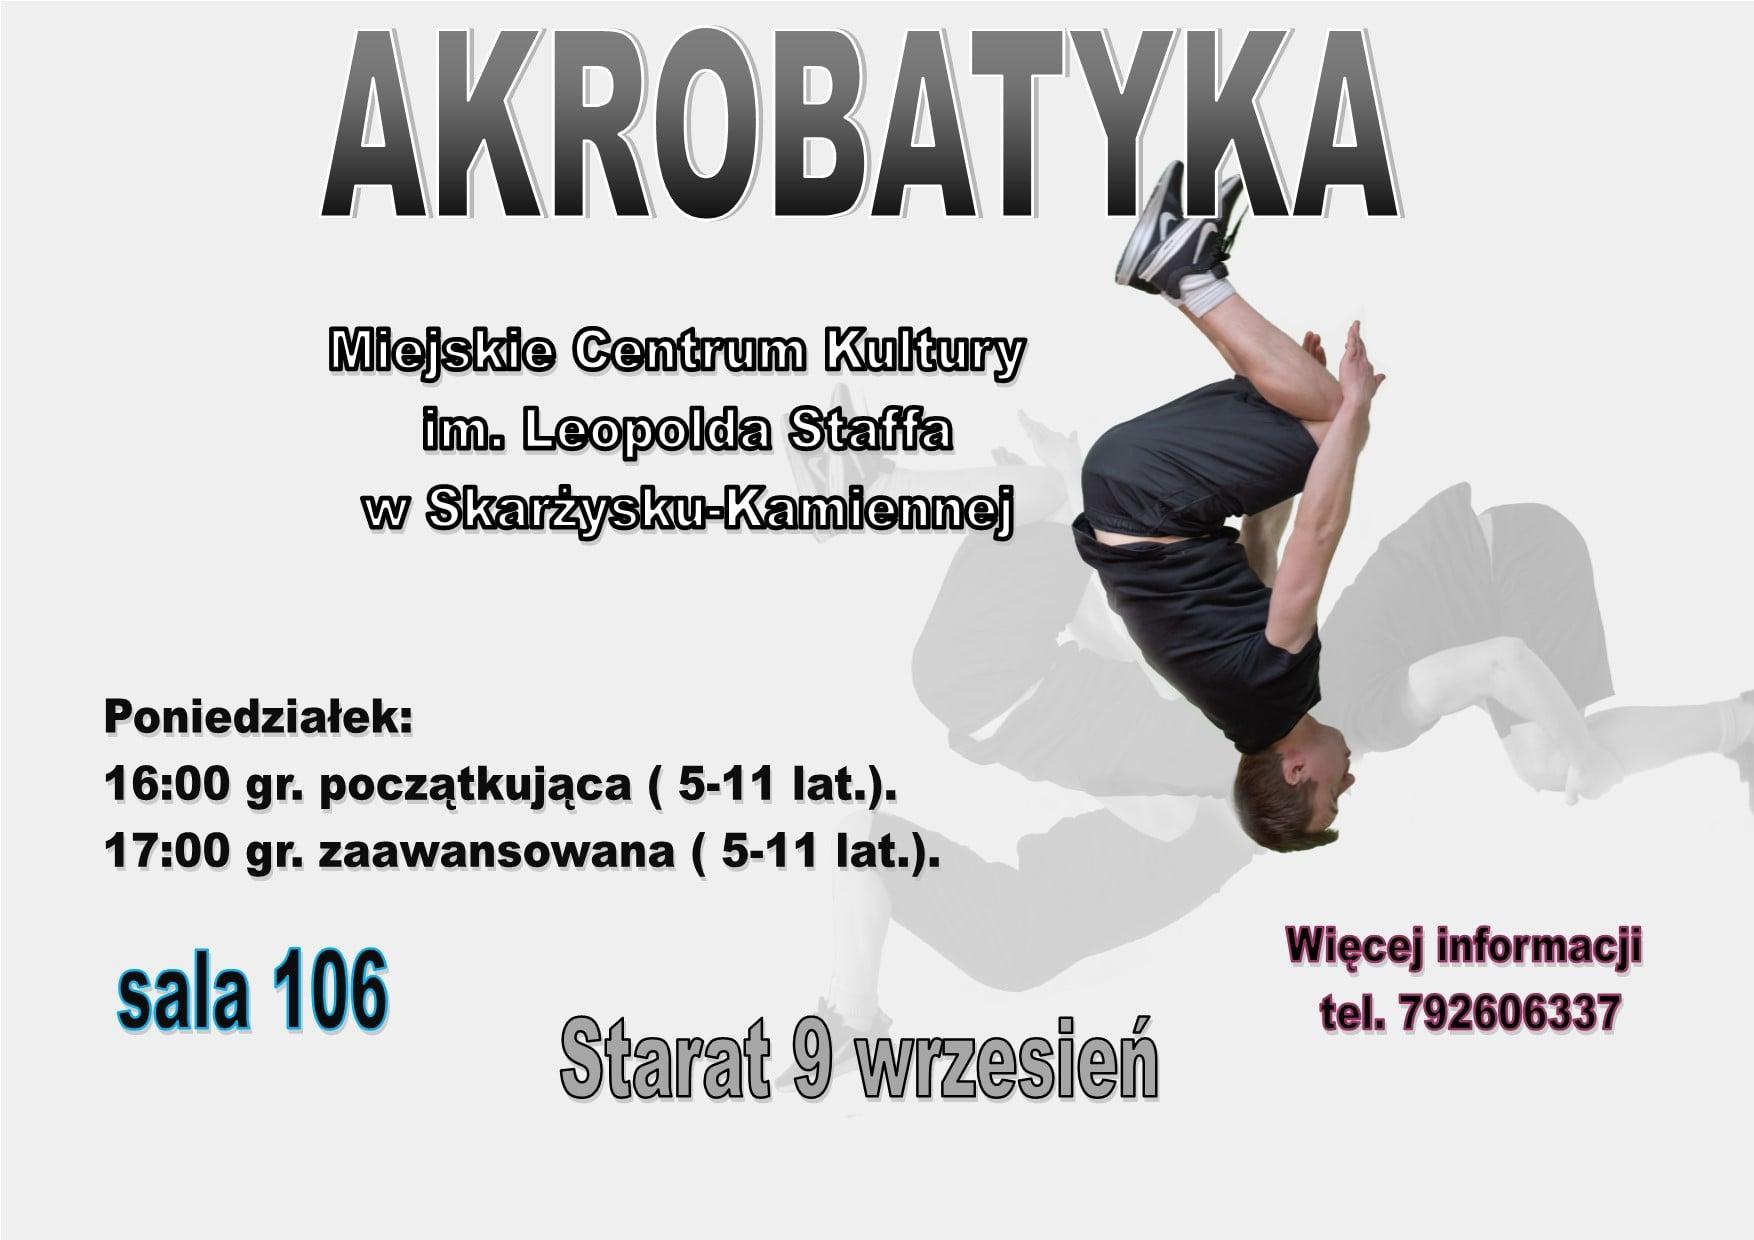 akrobatyka 2019